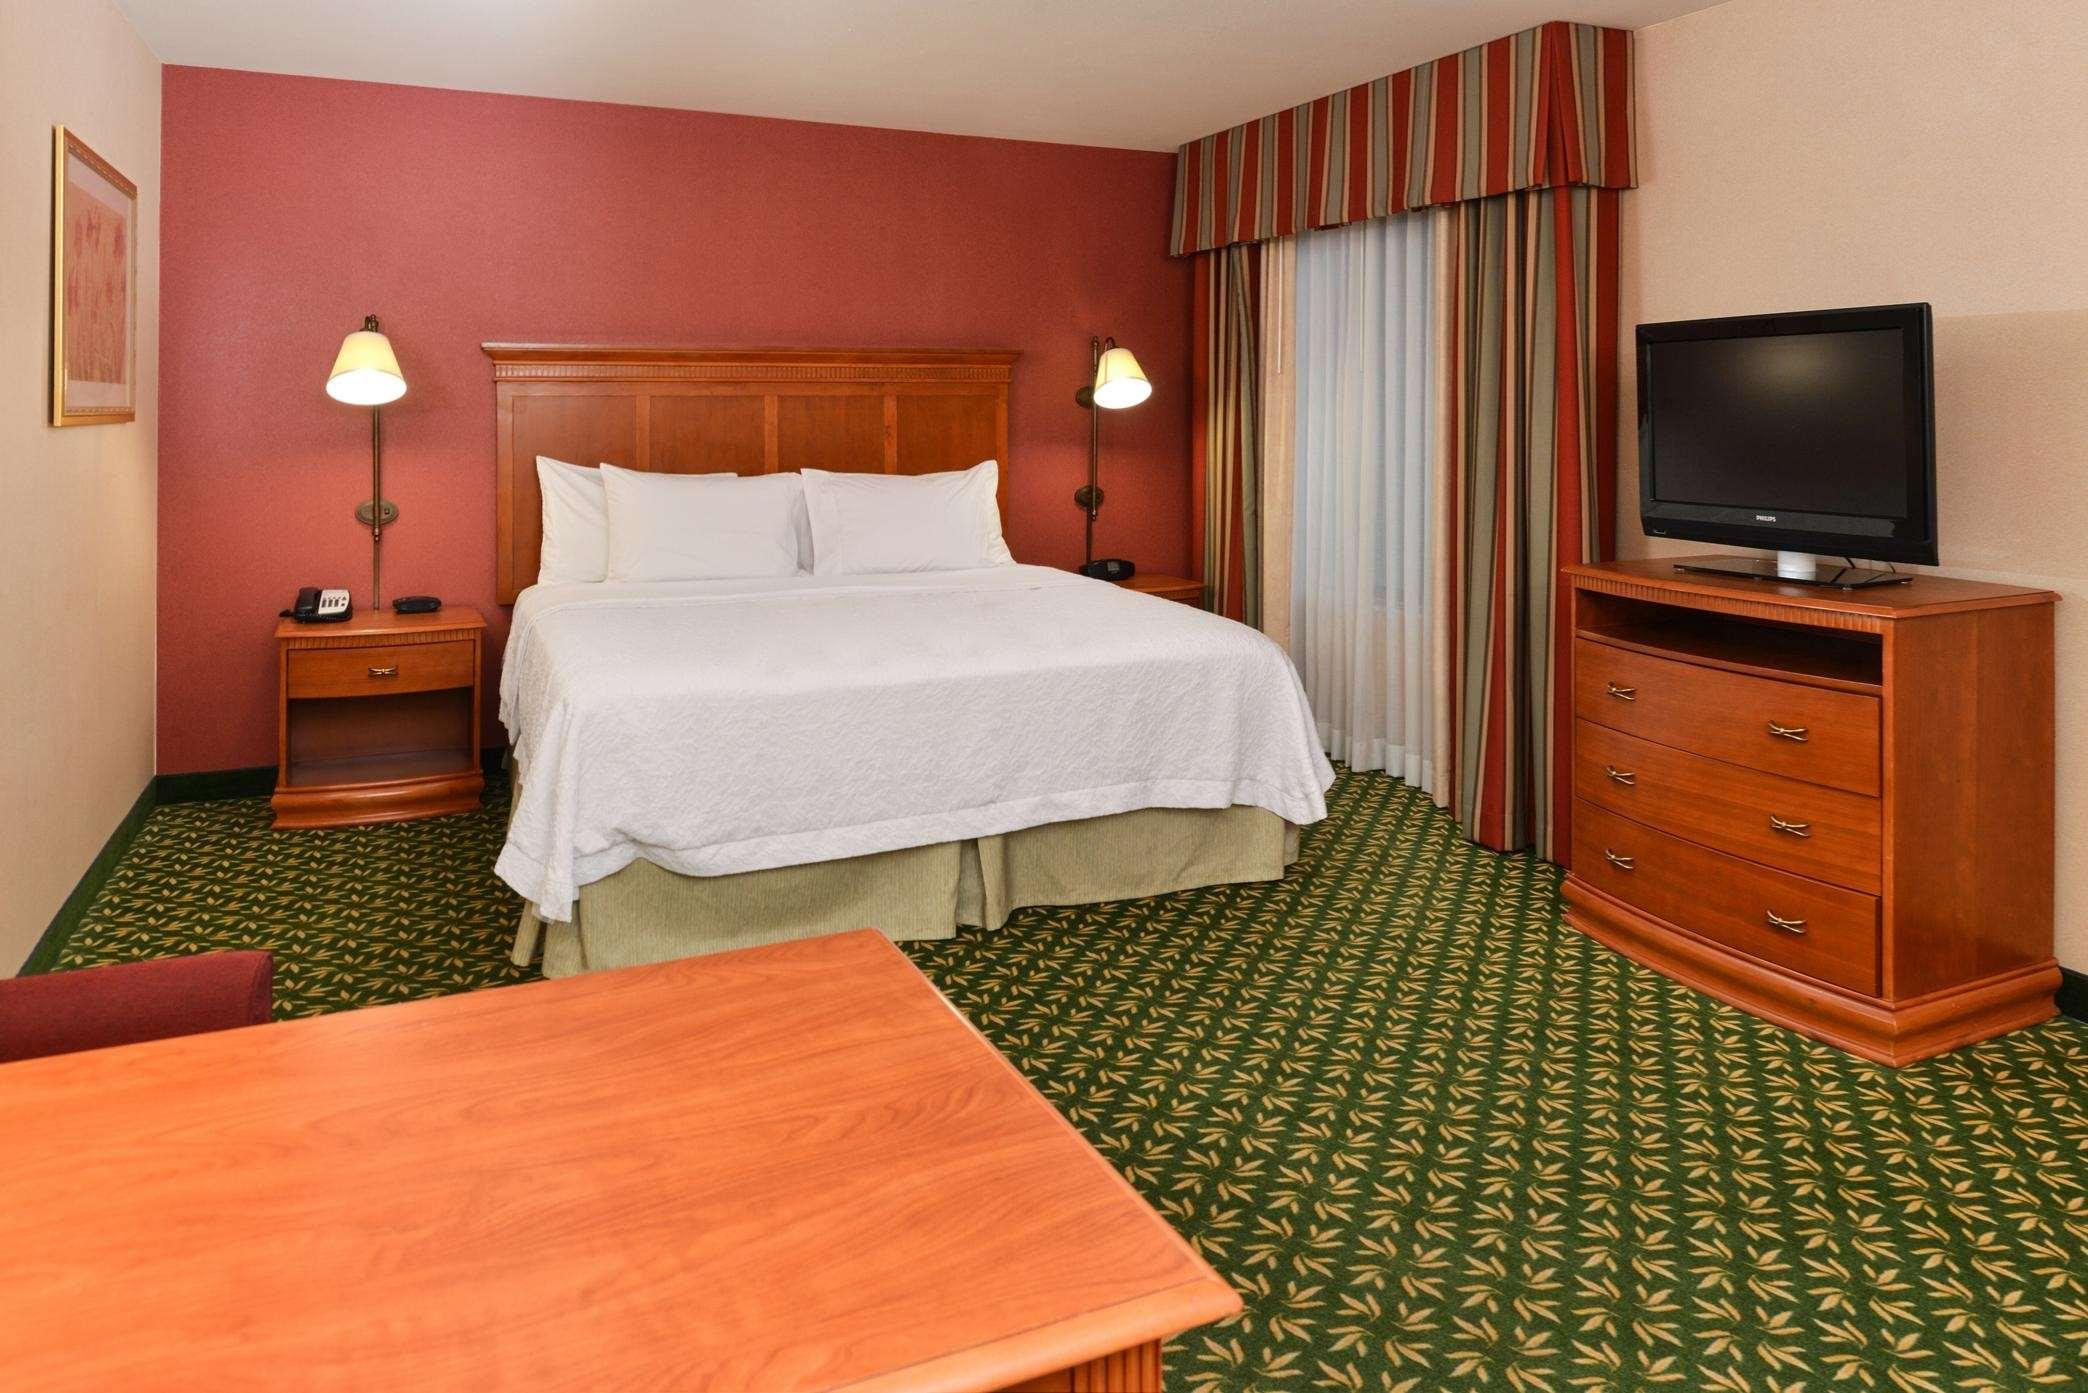 Hampton Inn & Suites Casper image 27